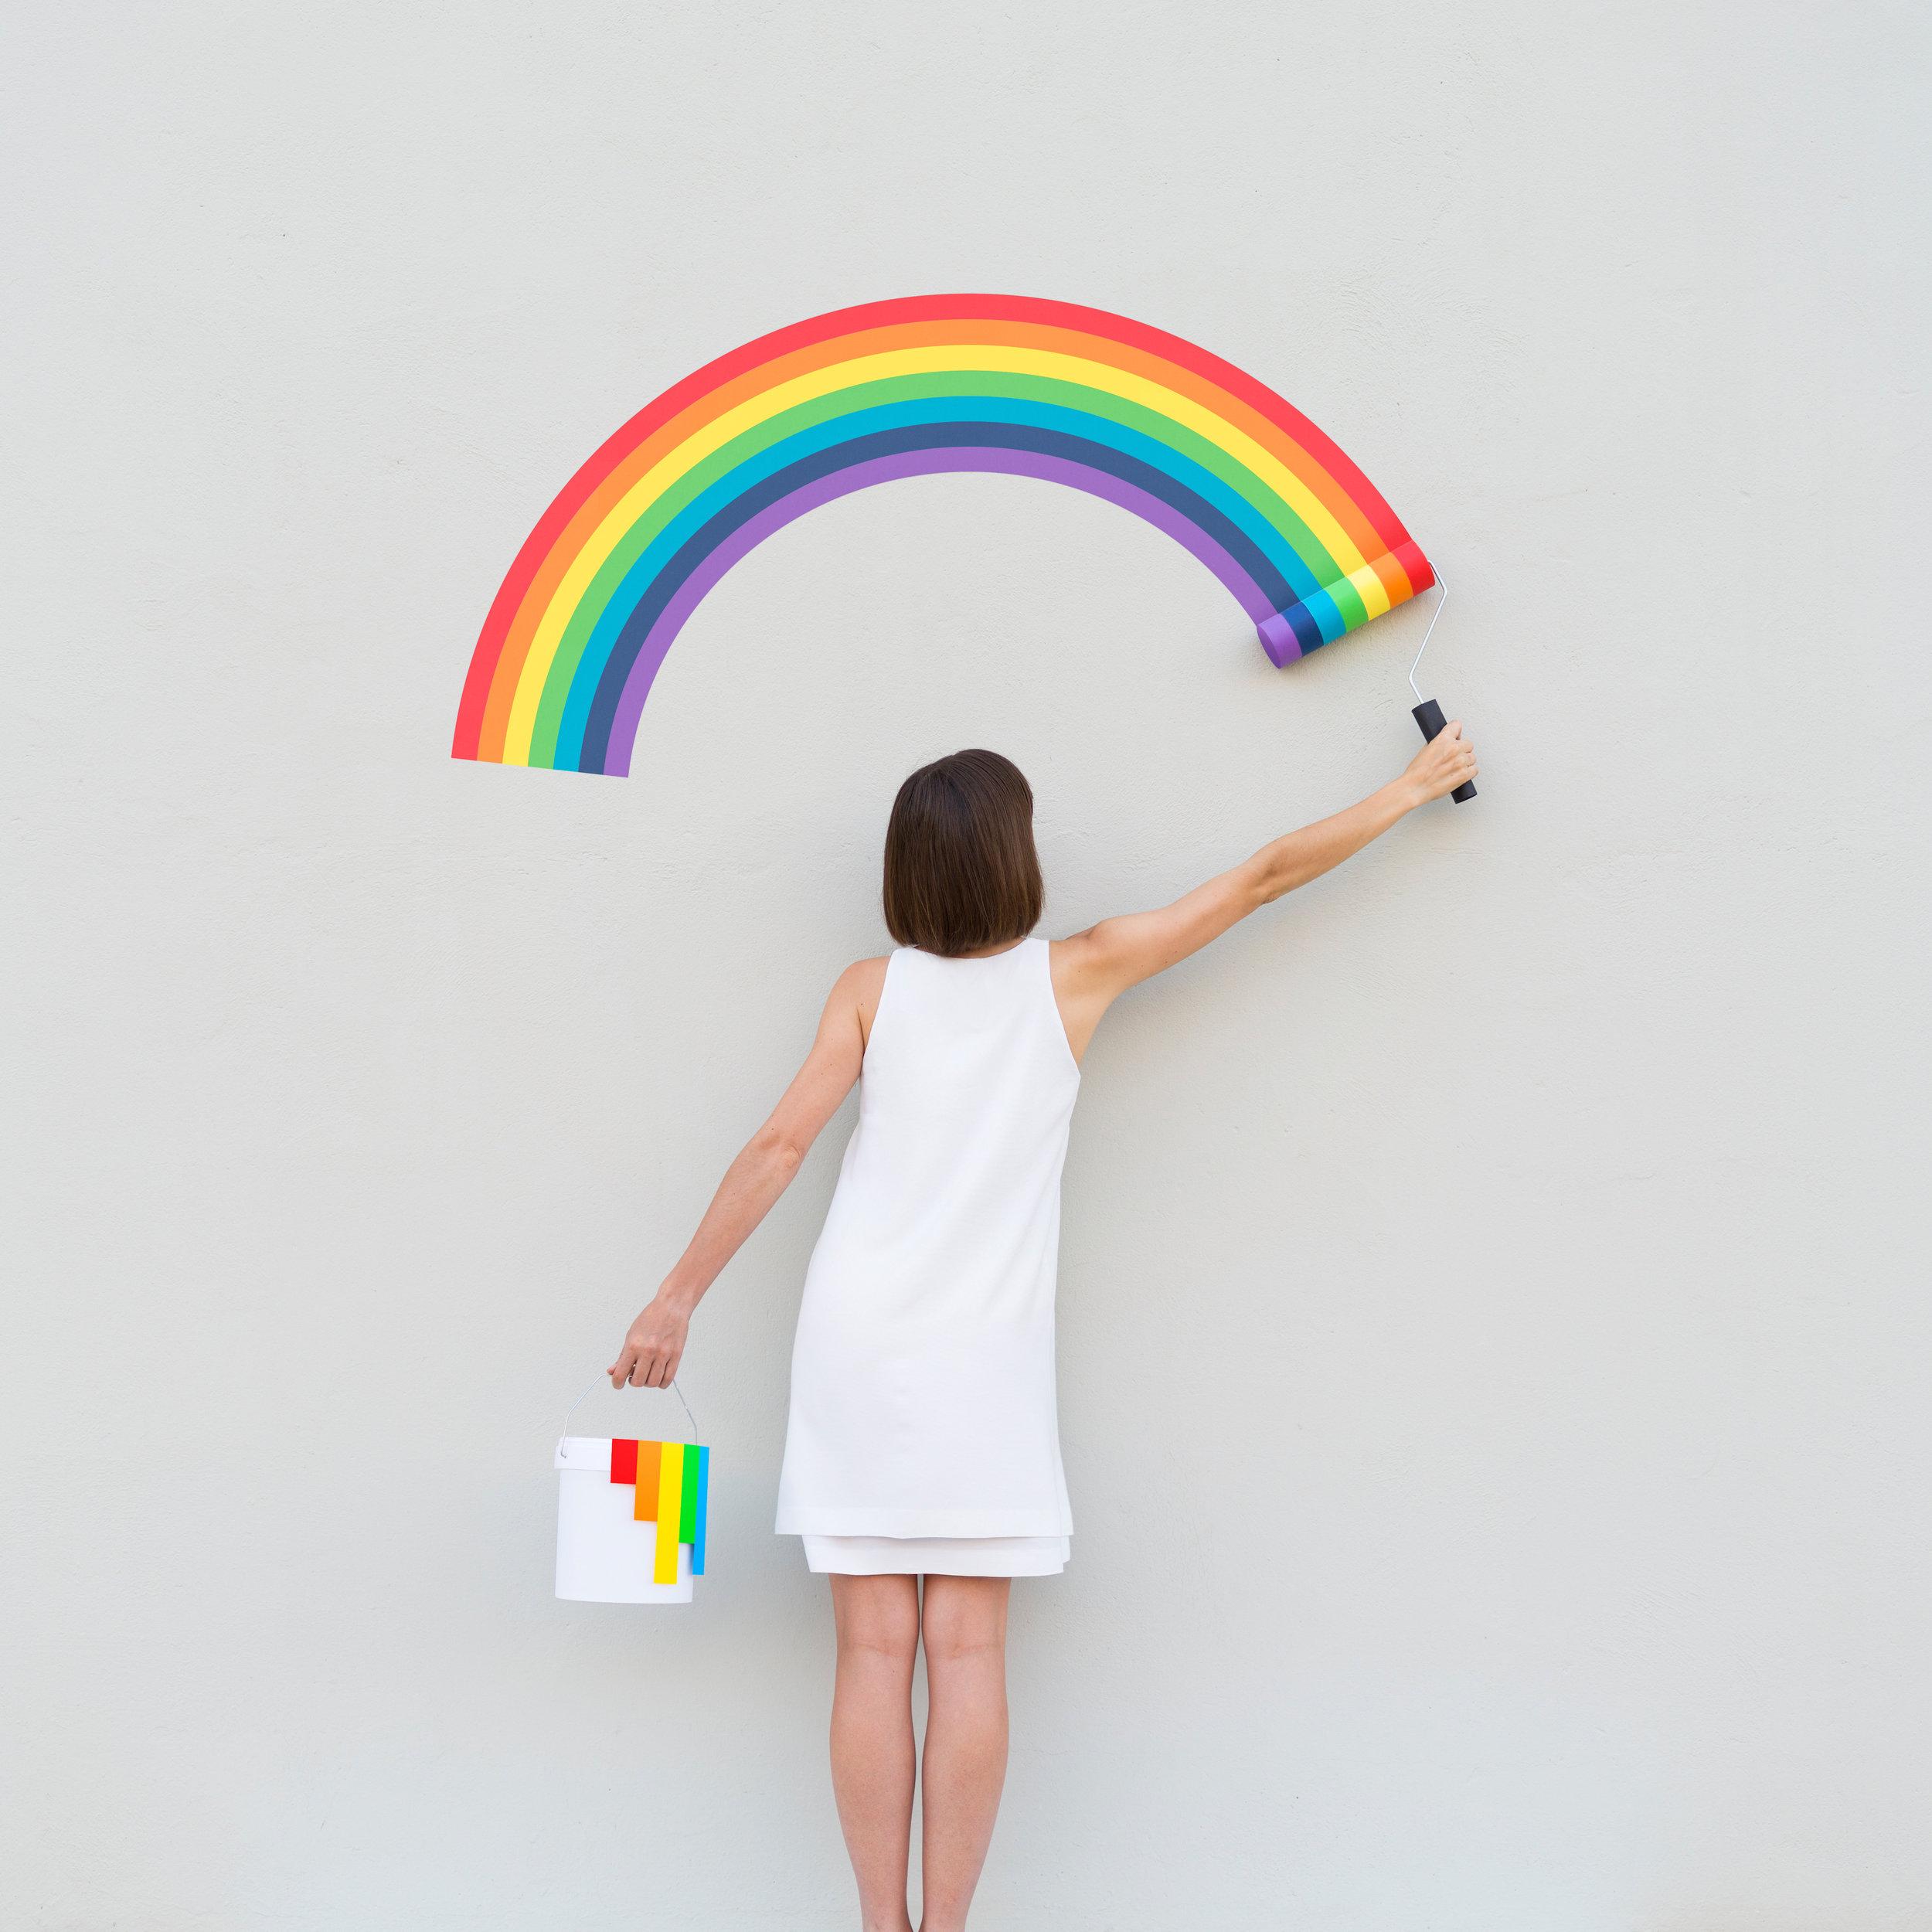 Pride and Pridejudice , 2018 ,Archival Pigment Print, 110 × 110 cm (43 3/10 × 43 3/10 in)